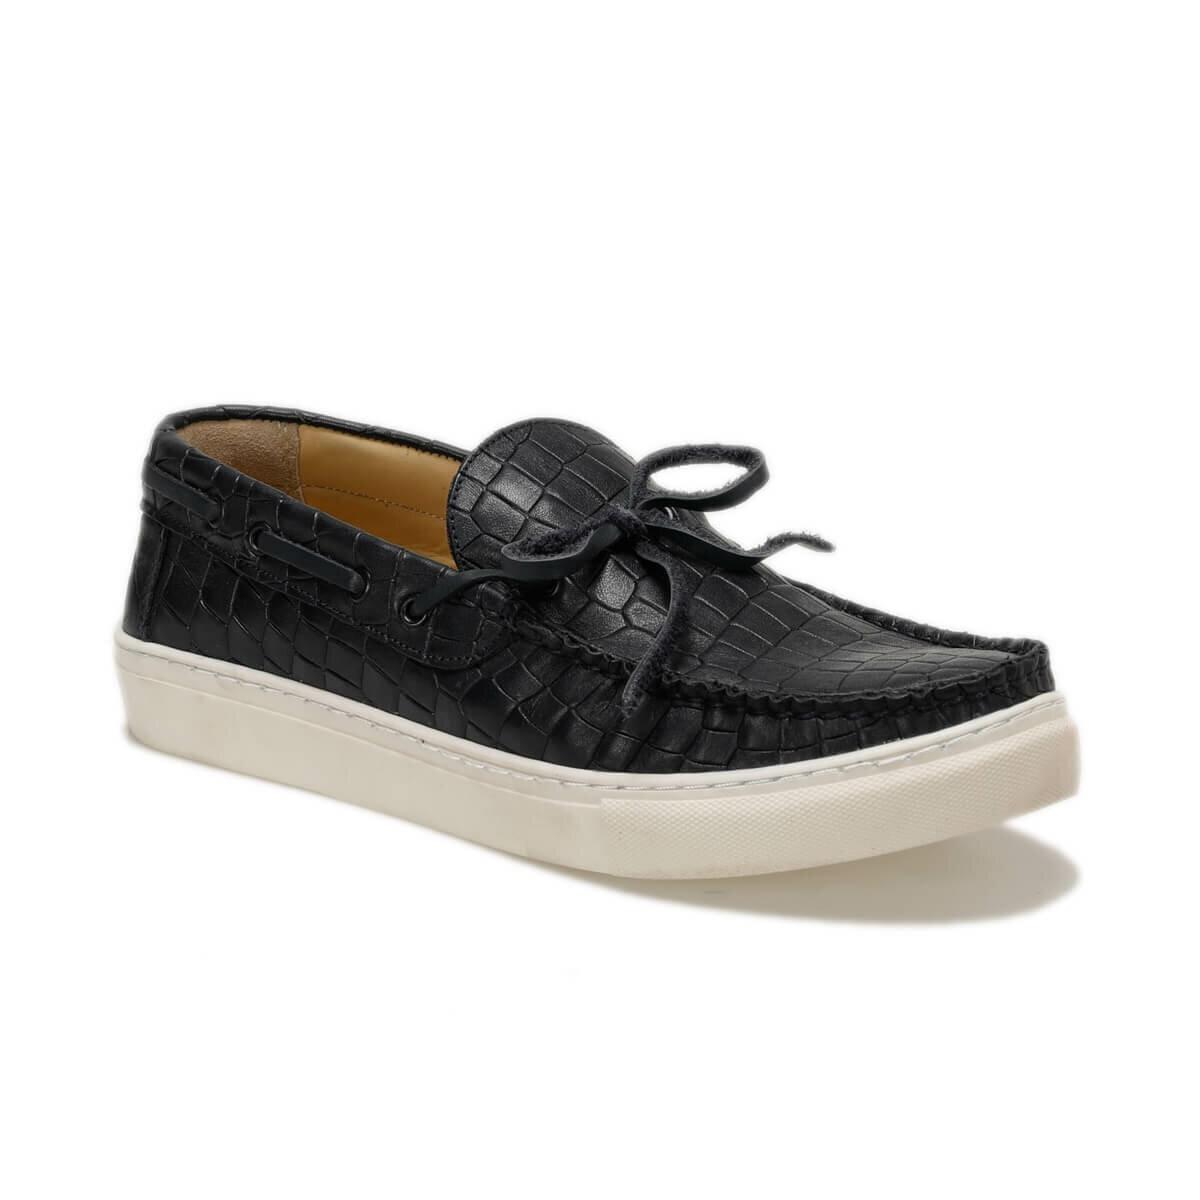 FLO KL-71176 M 1506 Navy Blue Men 'S Sneaker Shoes Forester